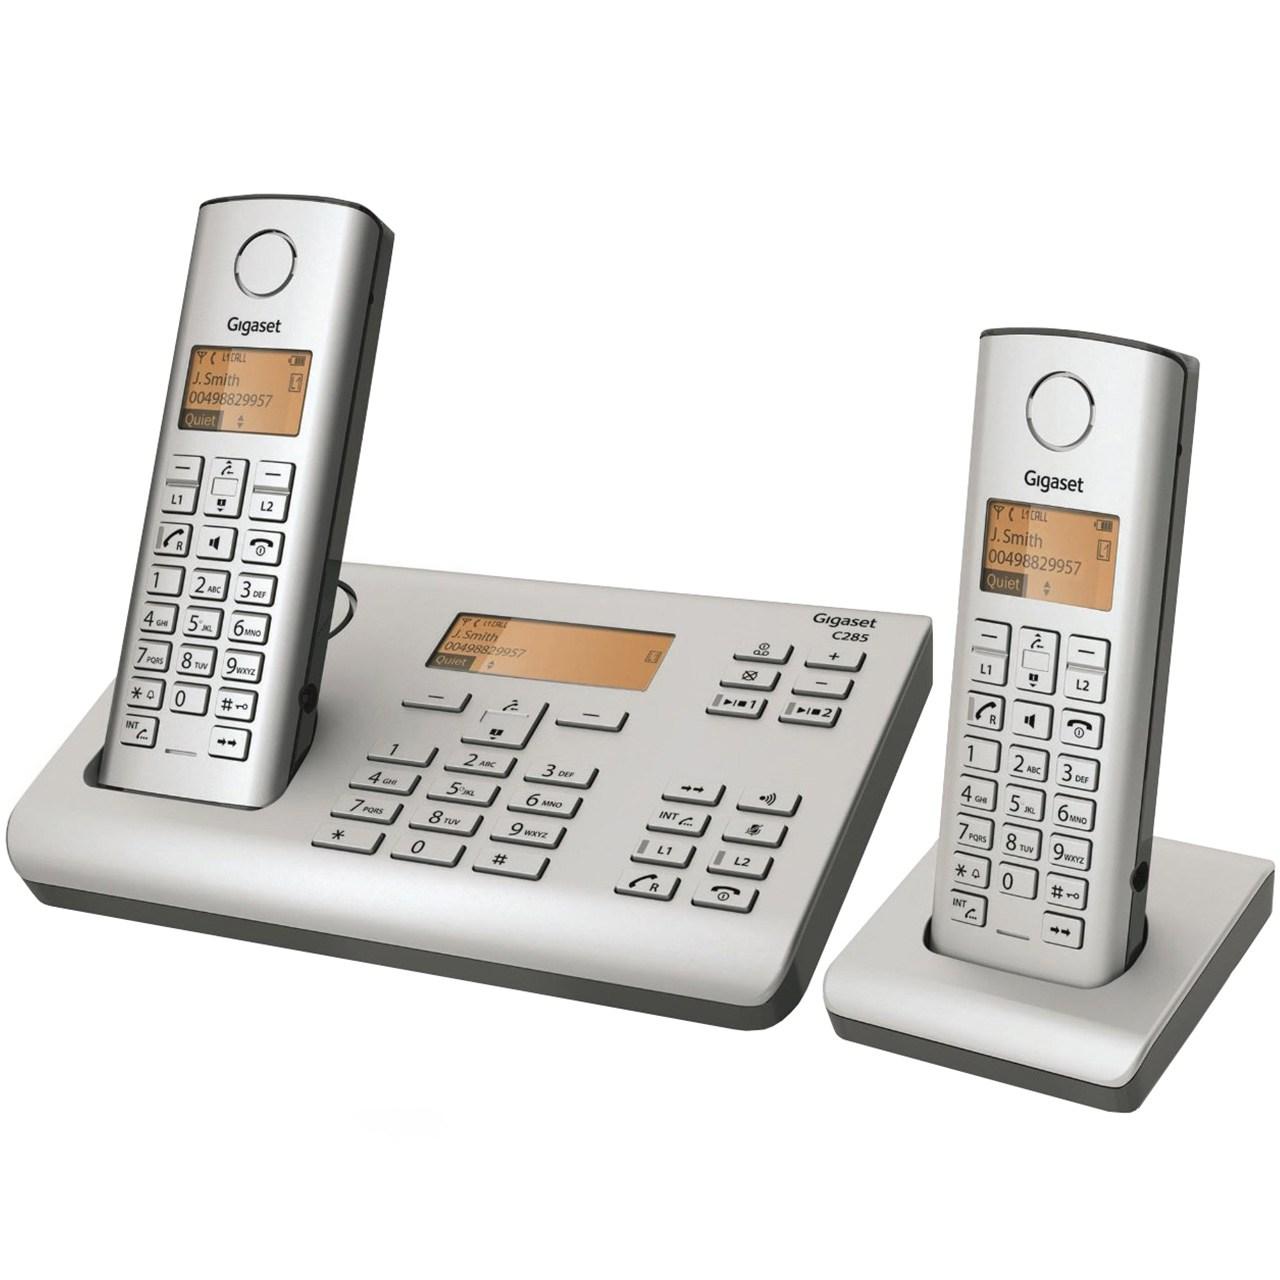 تلفن گیگاست مدل C285 DUO